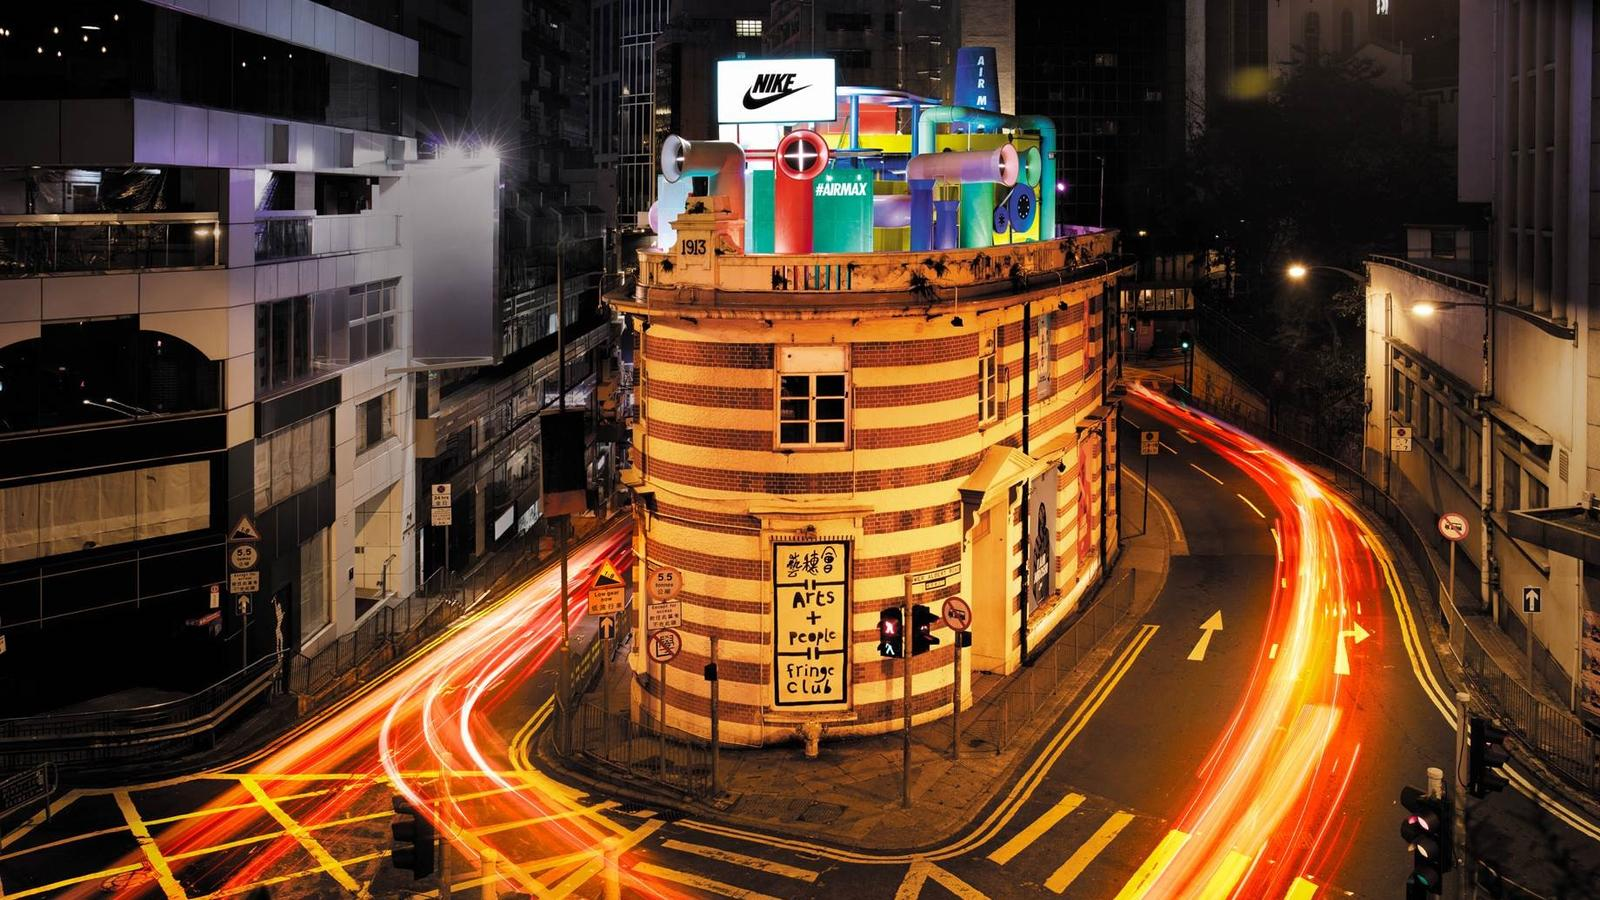 air max con al debutto in hong kong, tokyo e new york city nike notizie